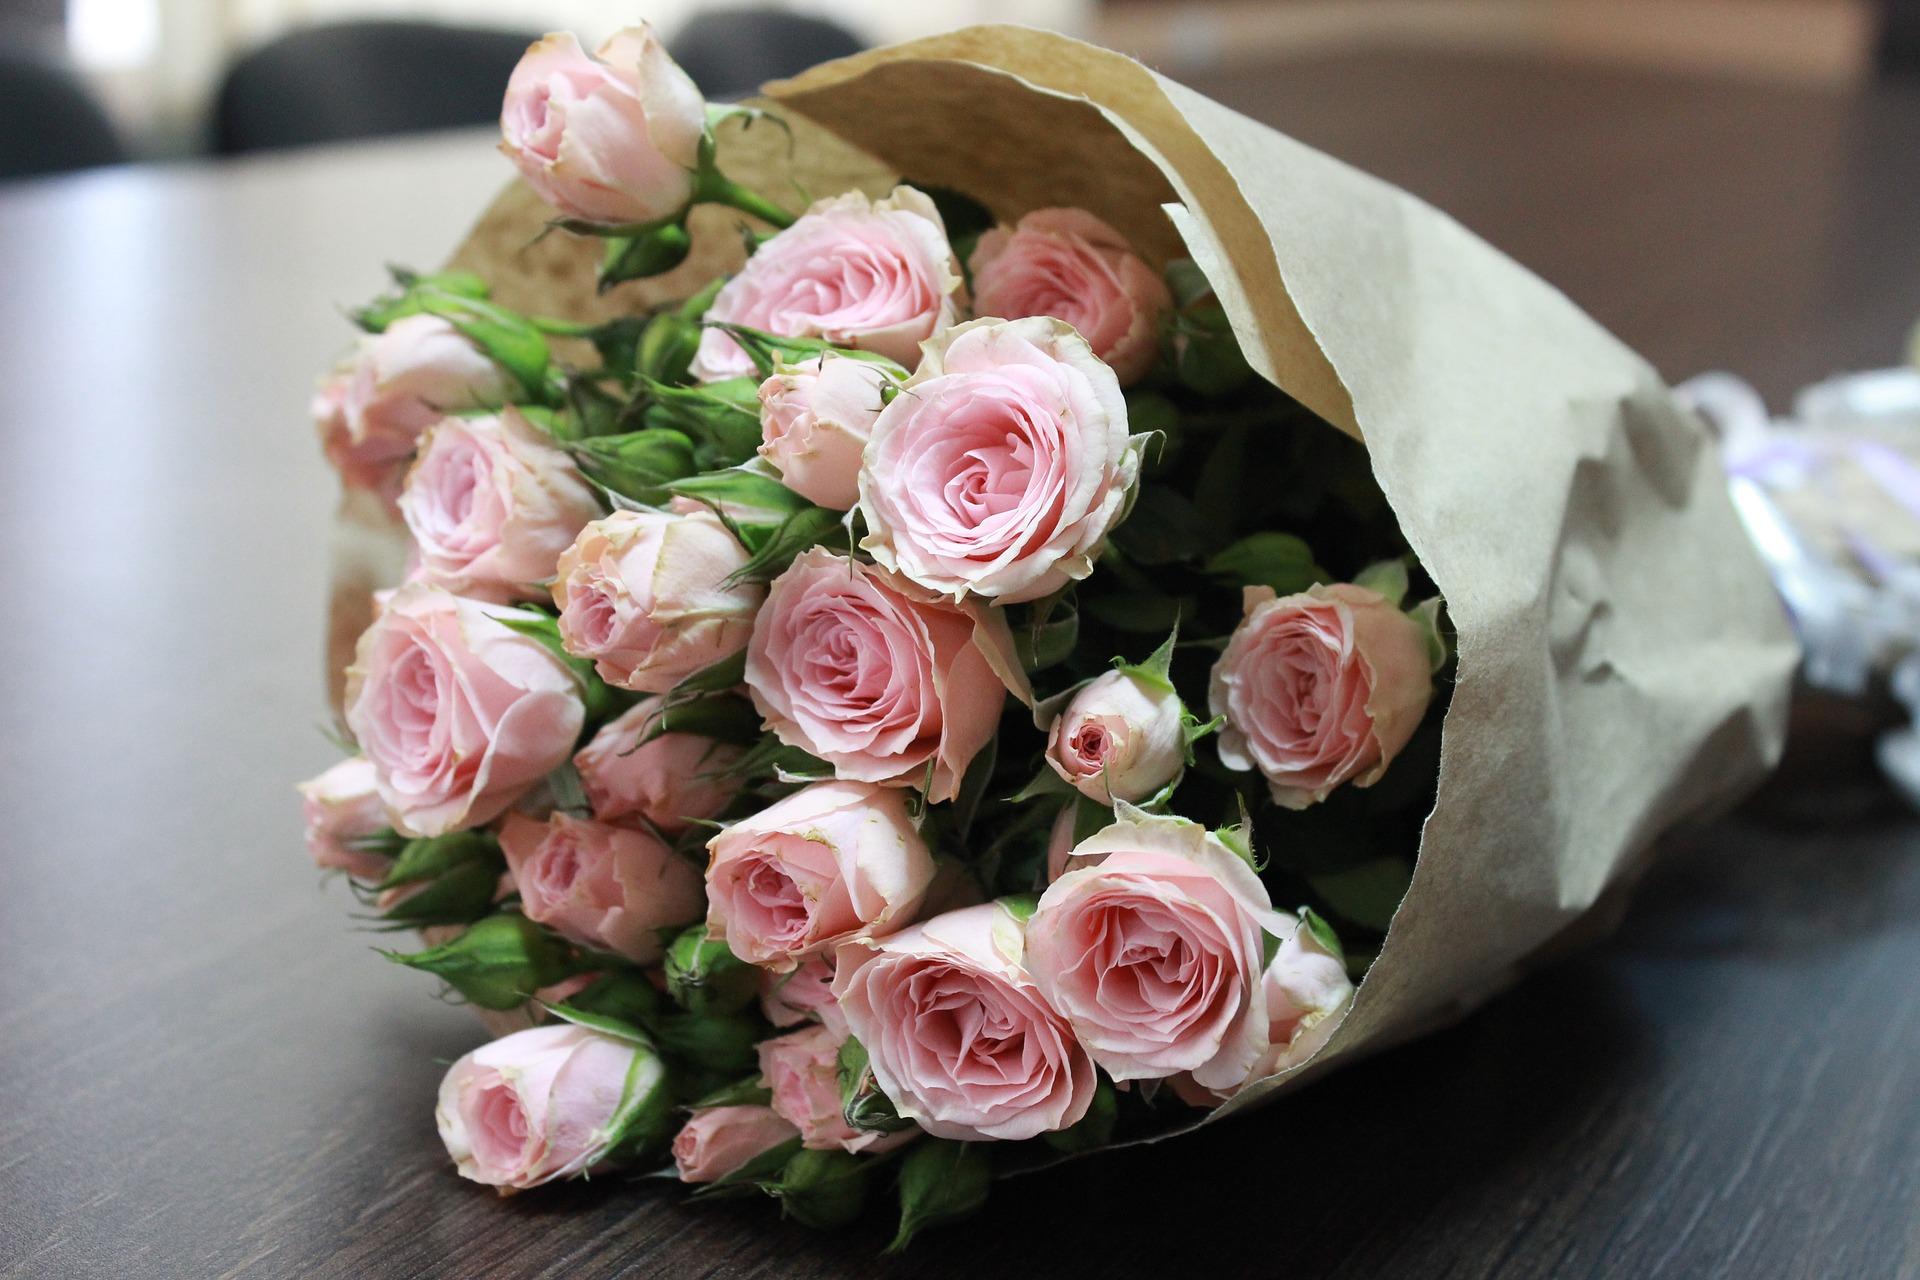 بالصور ورود جميلة , اجمل الورود و الذهور الرائعه 765 7